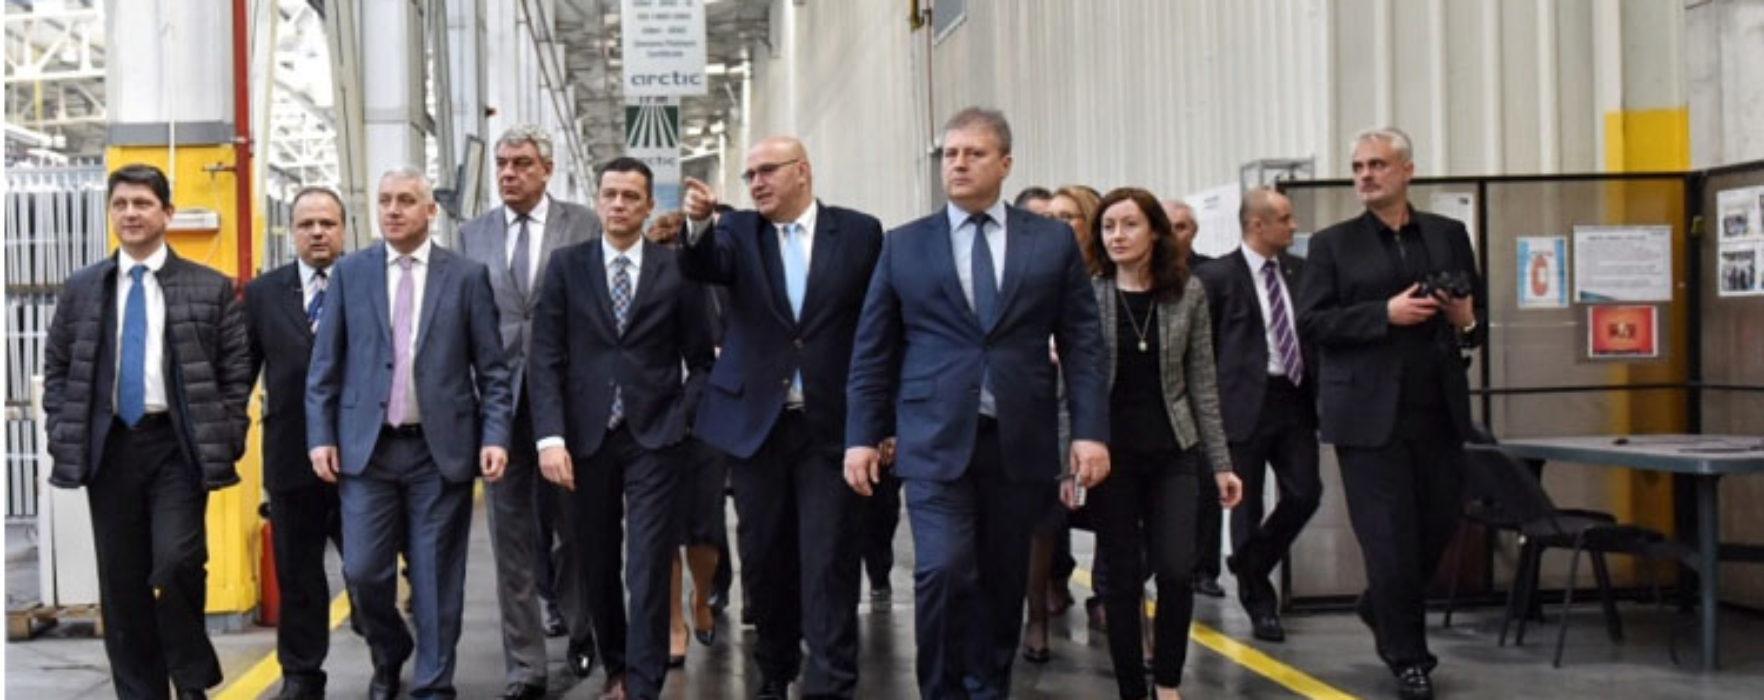 Dâmboviţa: Premierul Sorin Grindeanu a vizitat fabrica Arctic din Găeşti (video)